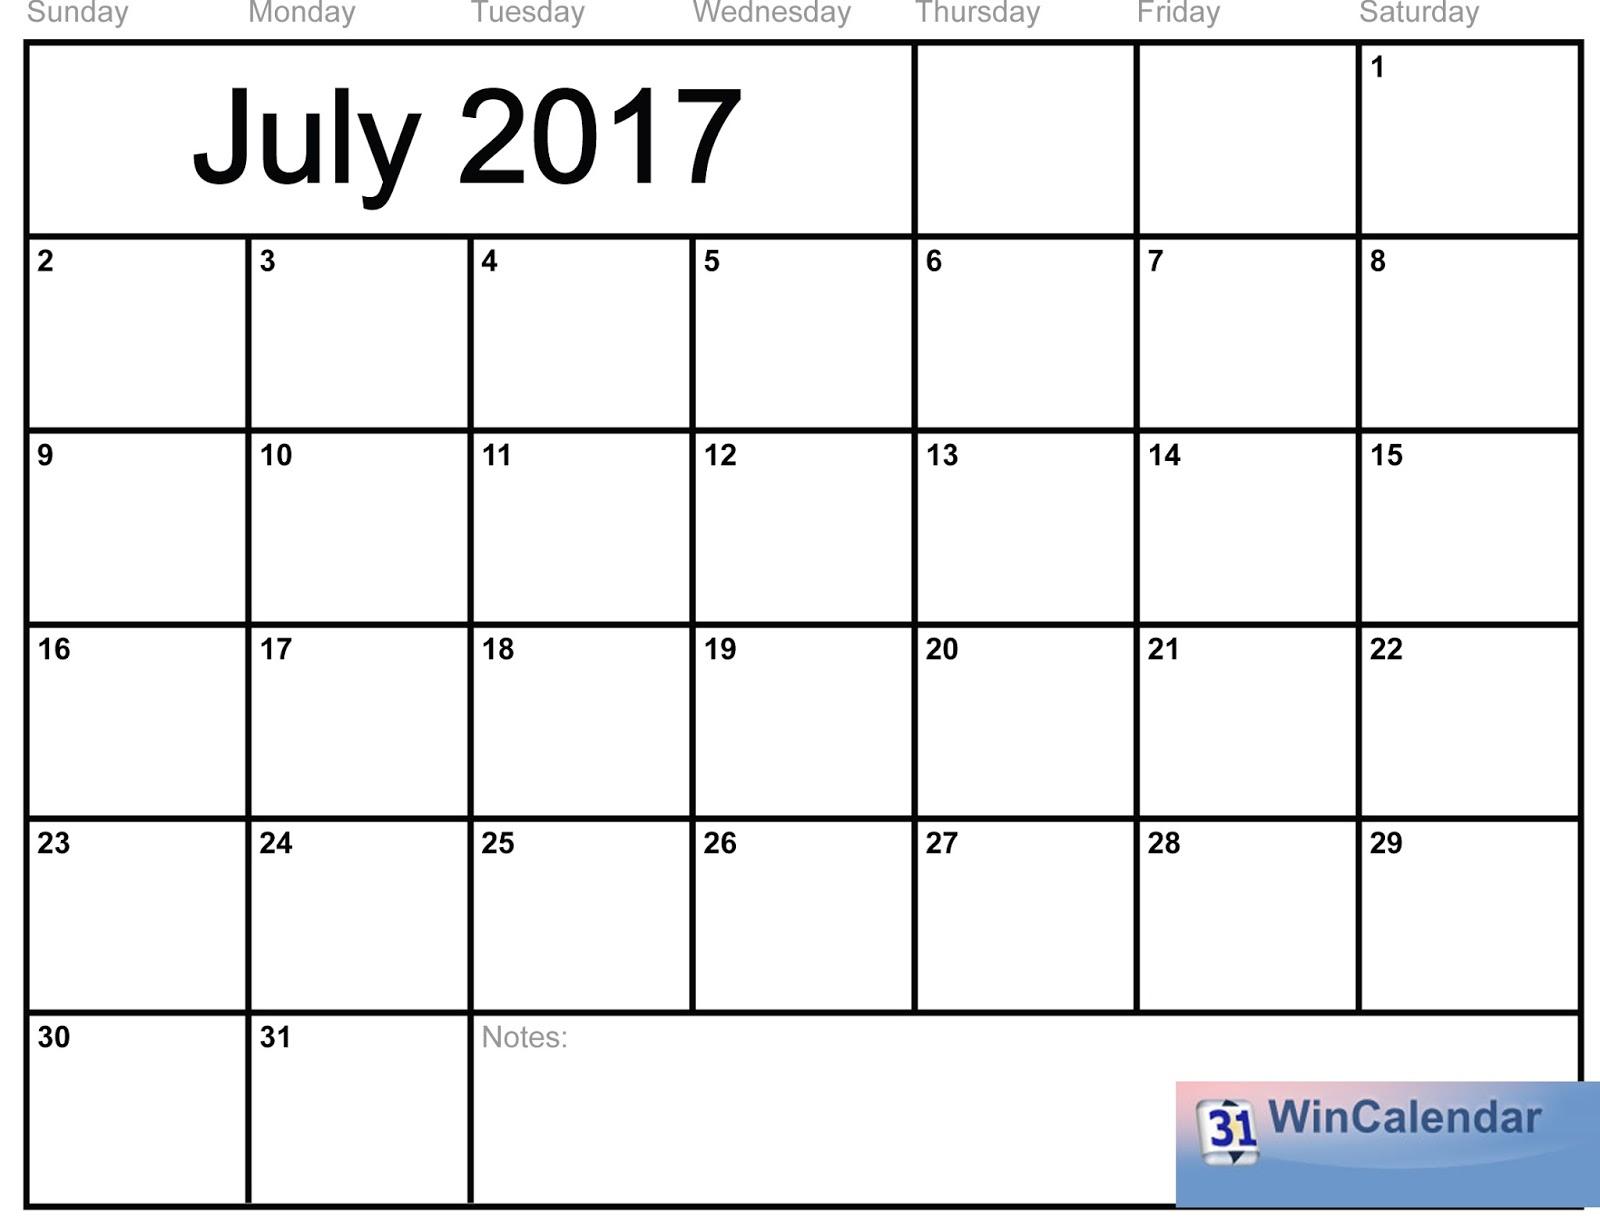 Wincalendar: Calendar Maker & Word, Excel, Pdf Calendar inside Win Calendar Maker